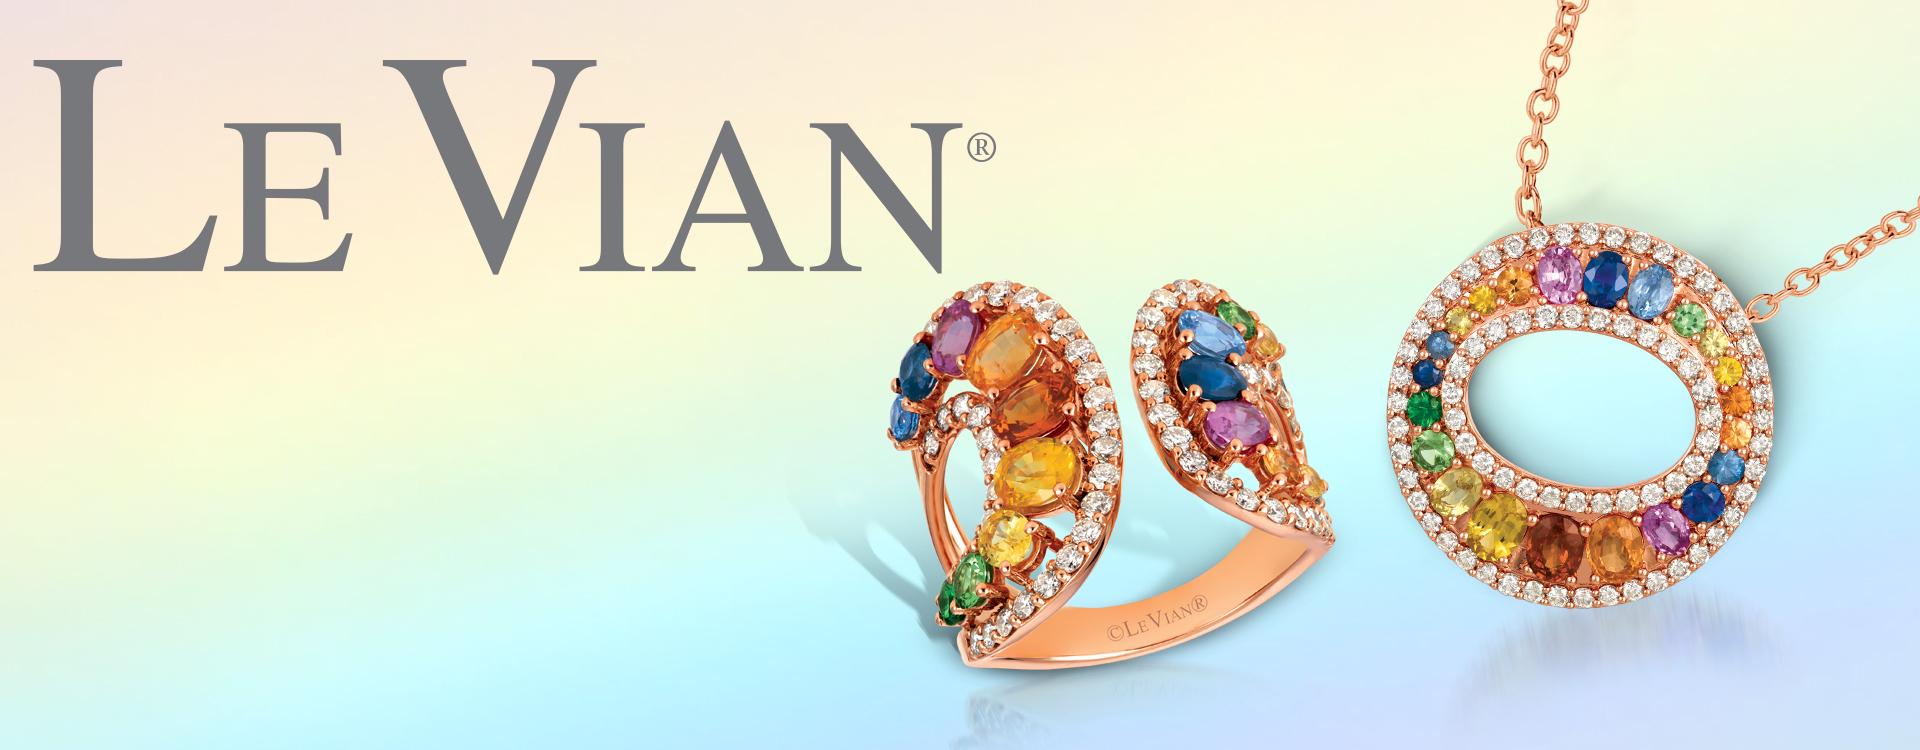 5e7c2e1e9 Le Vian Jewelry Home